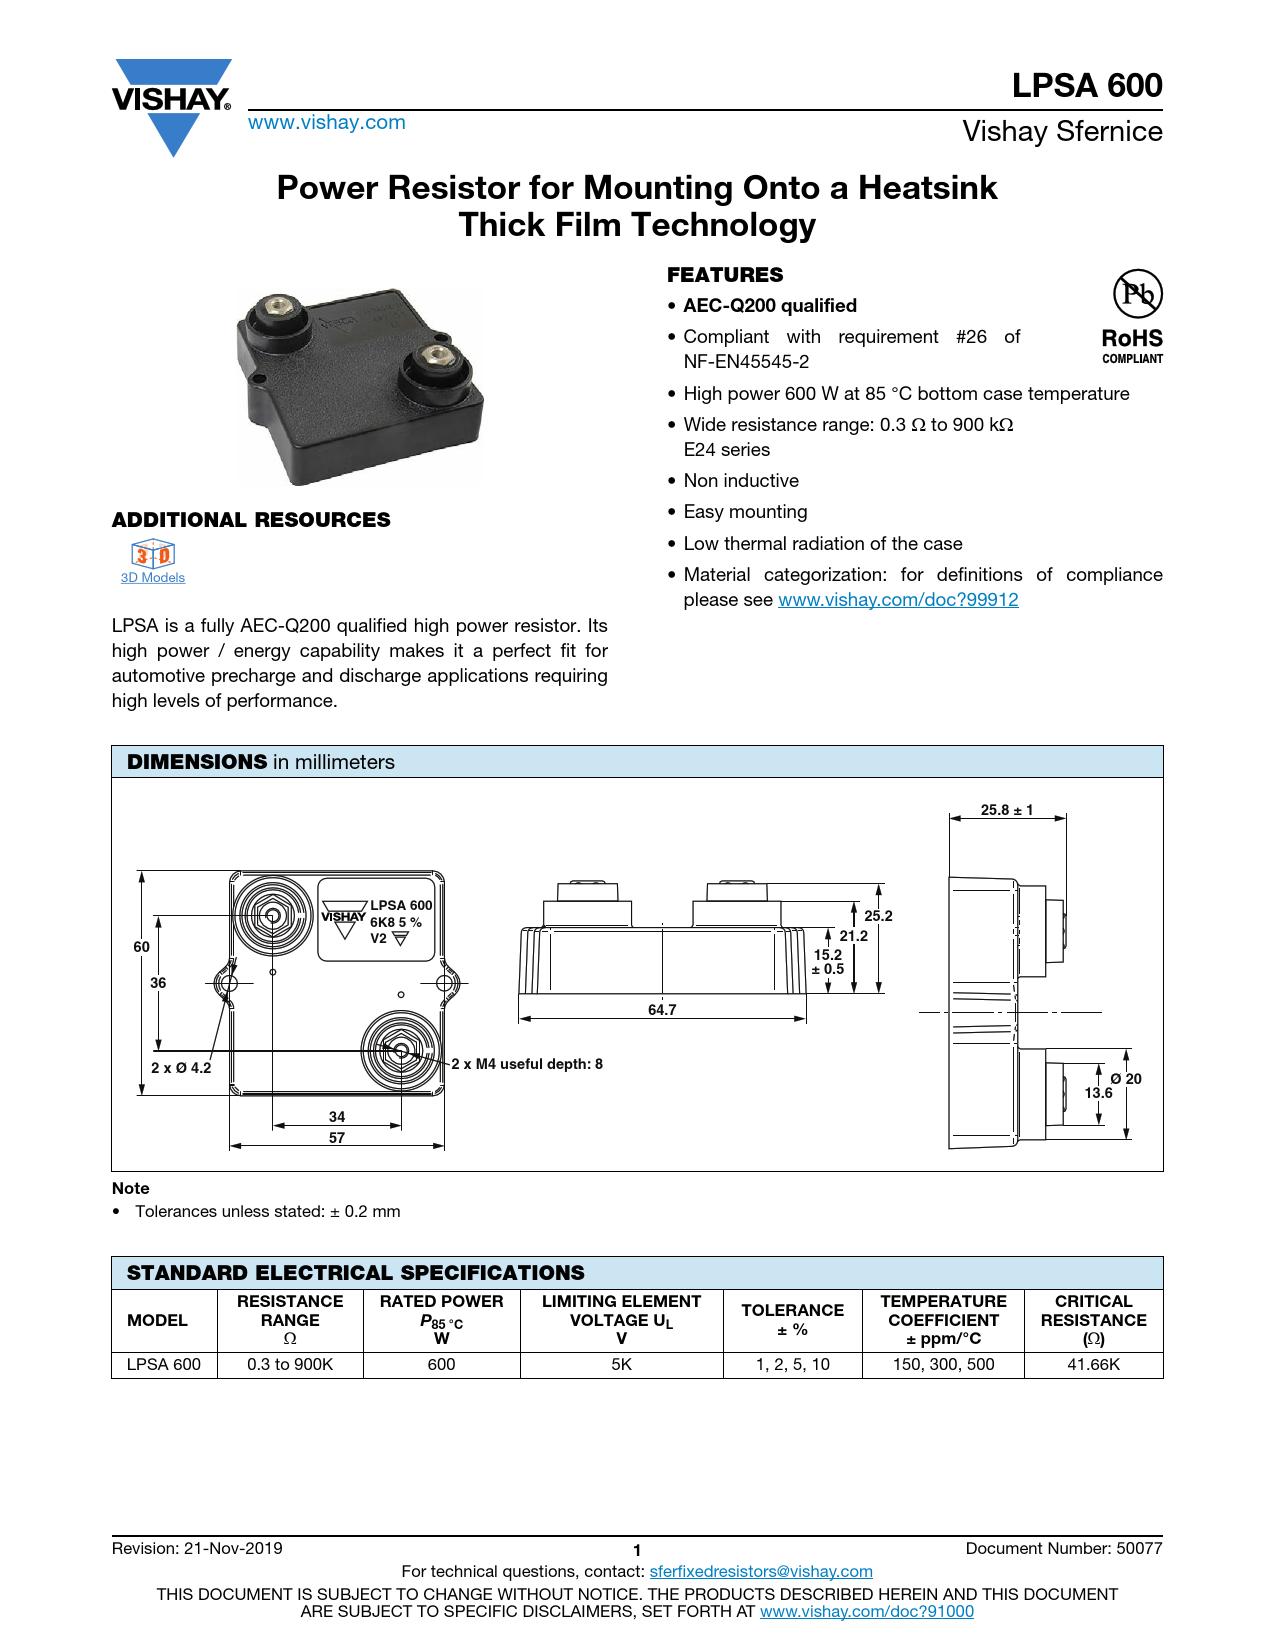 Datasheet LPSA 600 Vishay